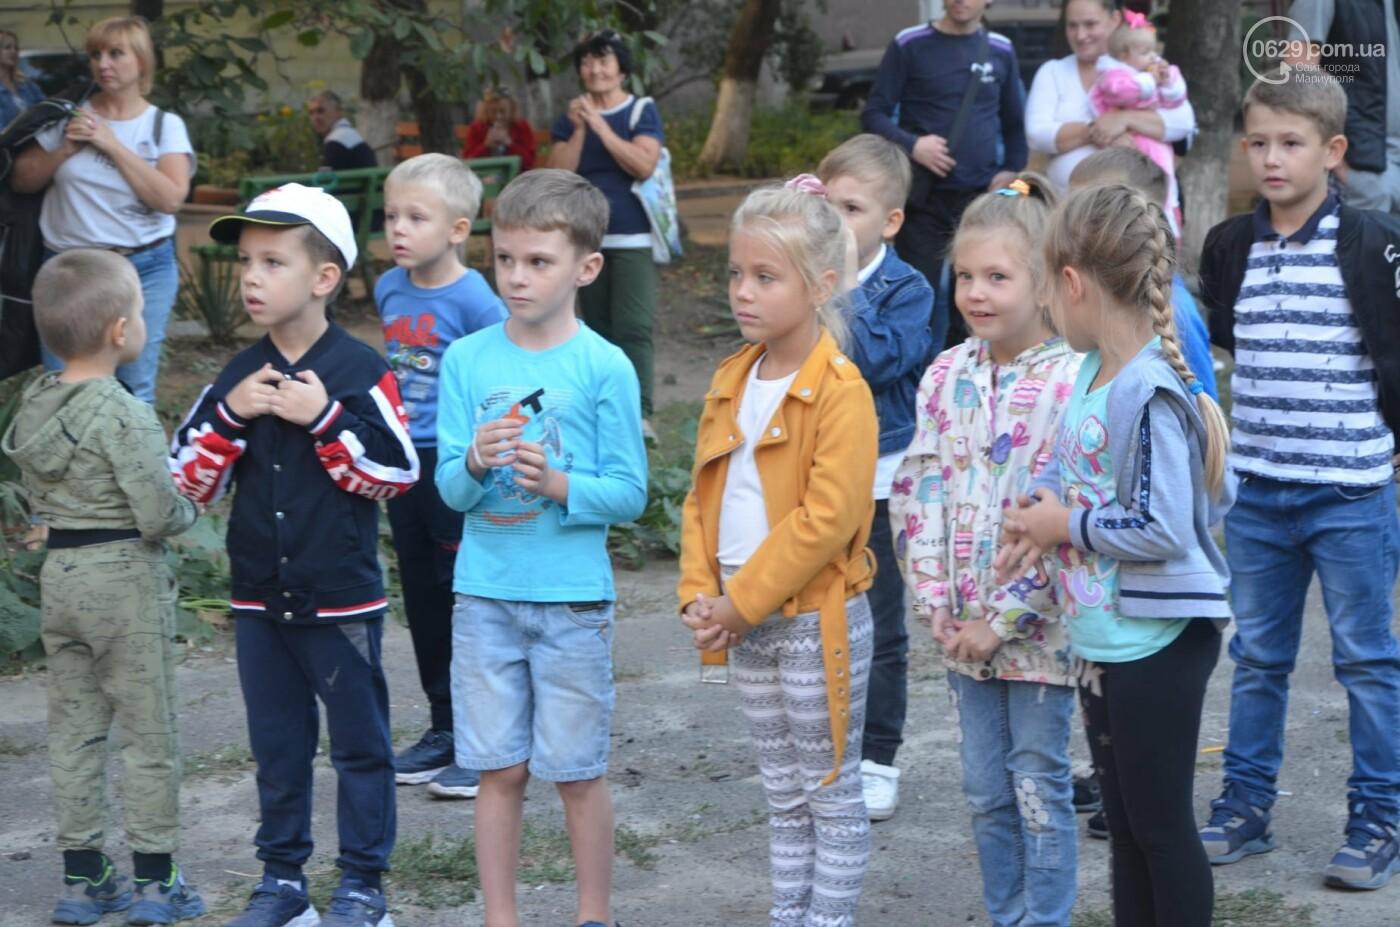 В Мариуполе отпраздновали День двора на пожарной машине, - ФОТО, фото-5